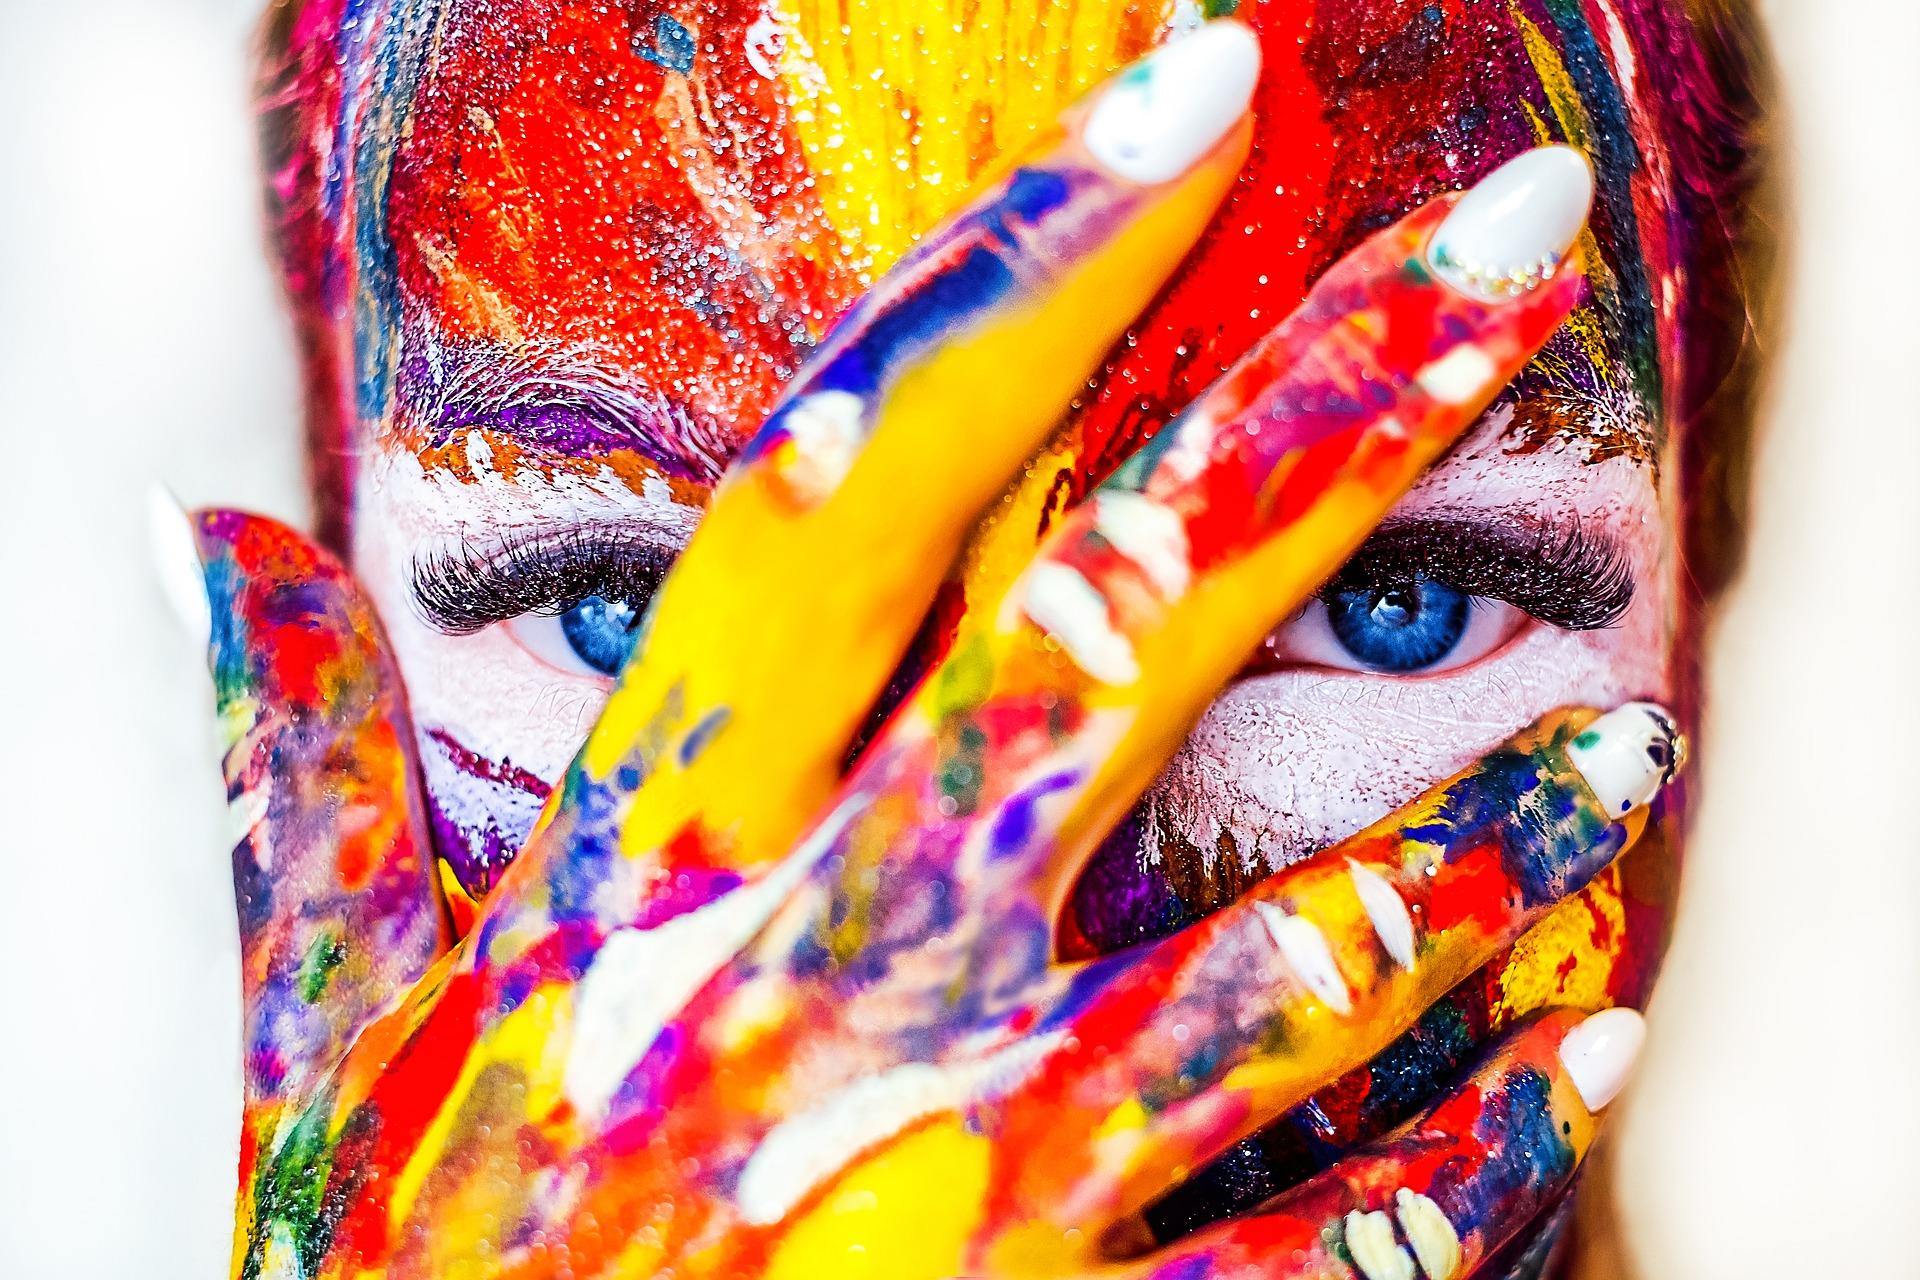 Psicología del color  Use los colores para atraer clientes y ... 3a42fabb942c